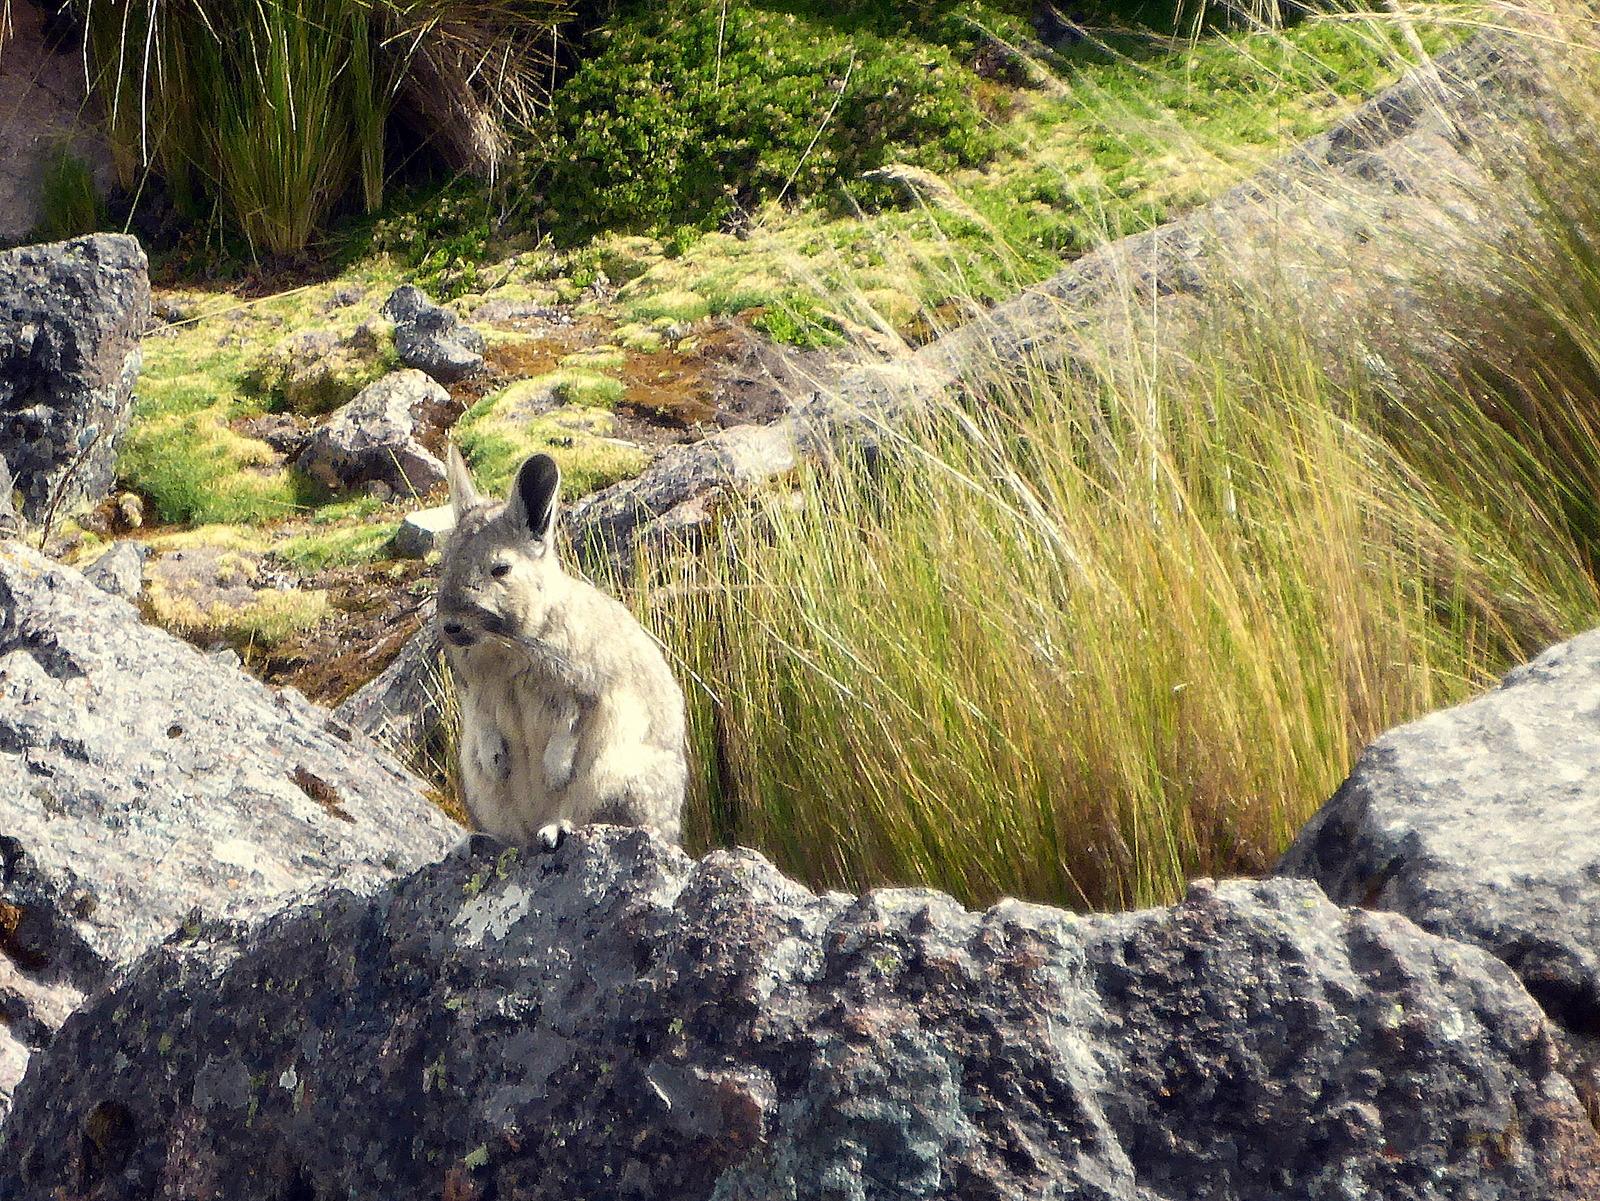 eines der Viscachas